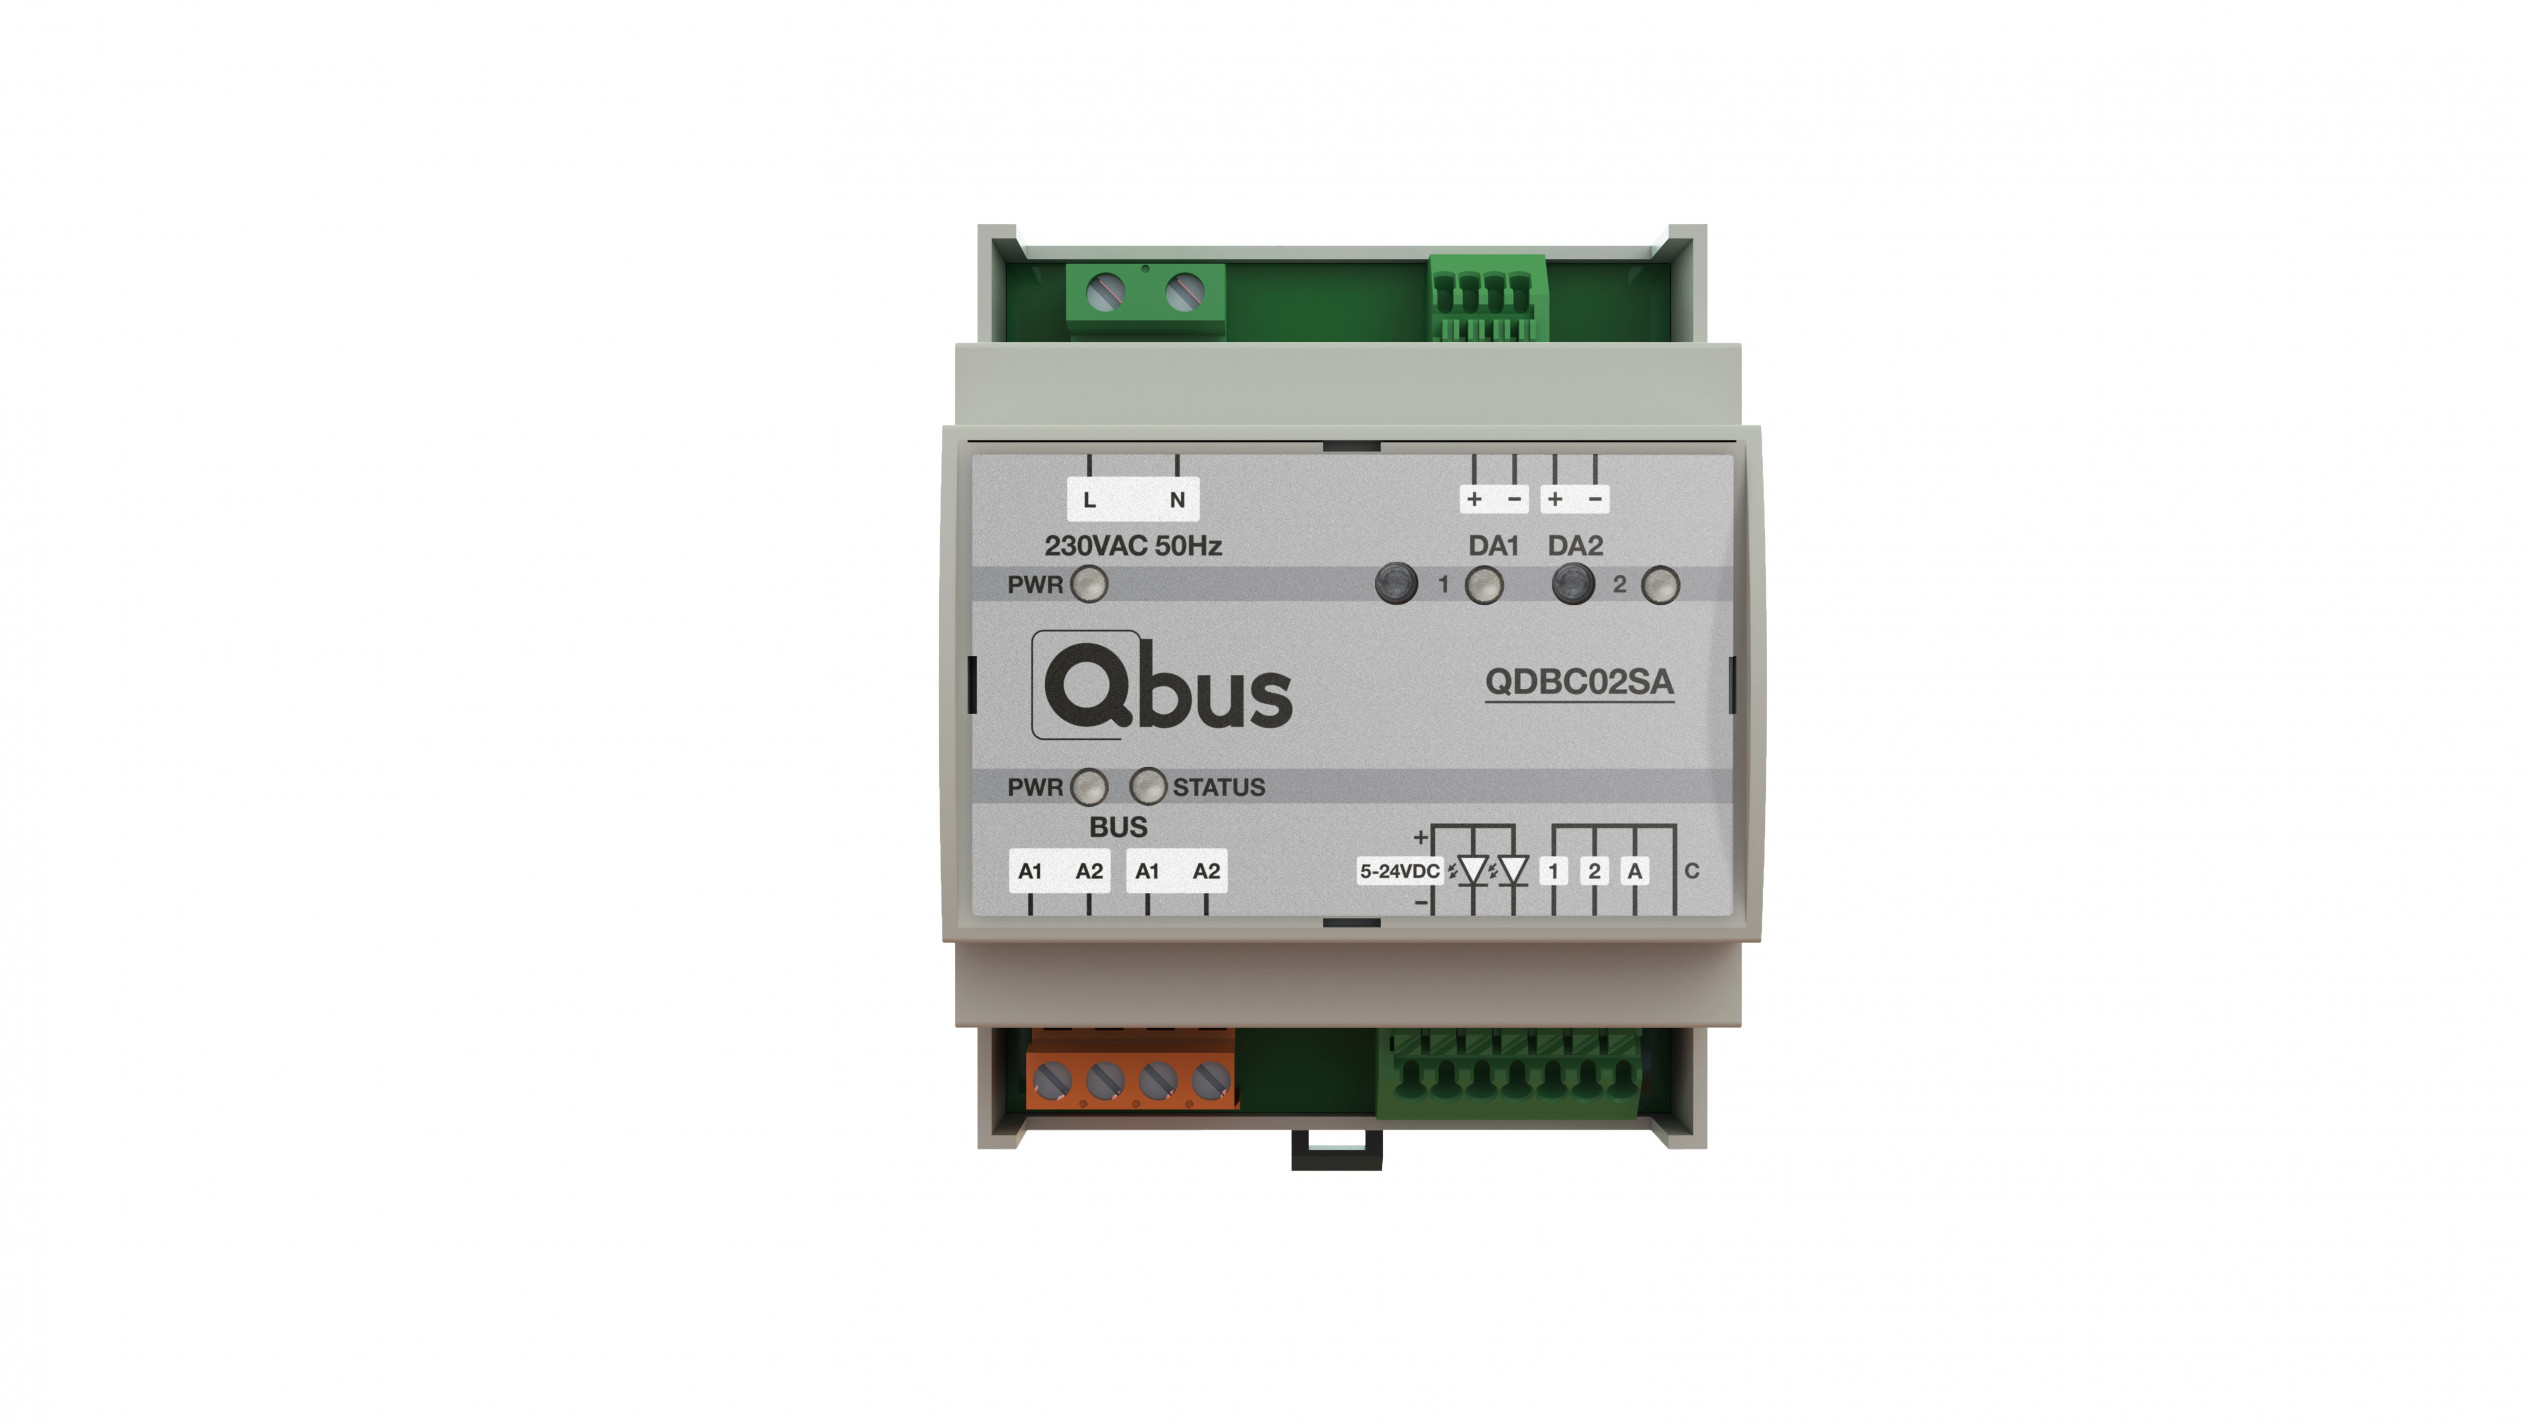 QDBC02SA front.jpg